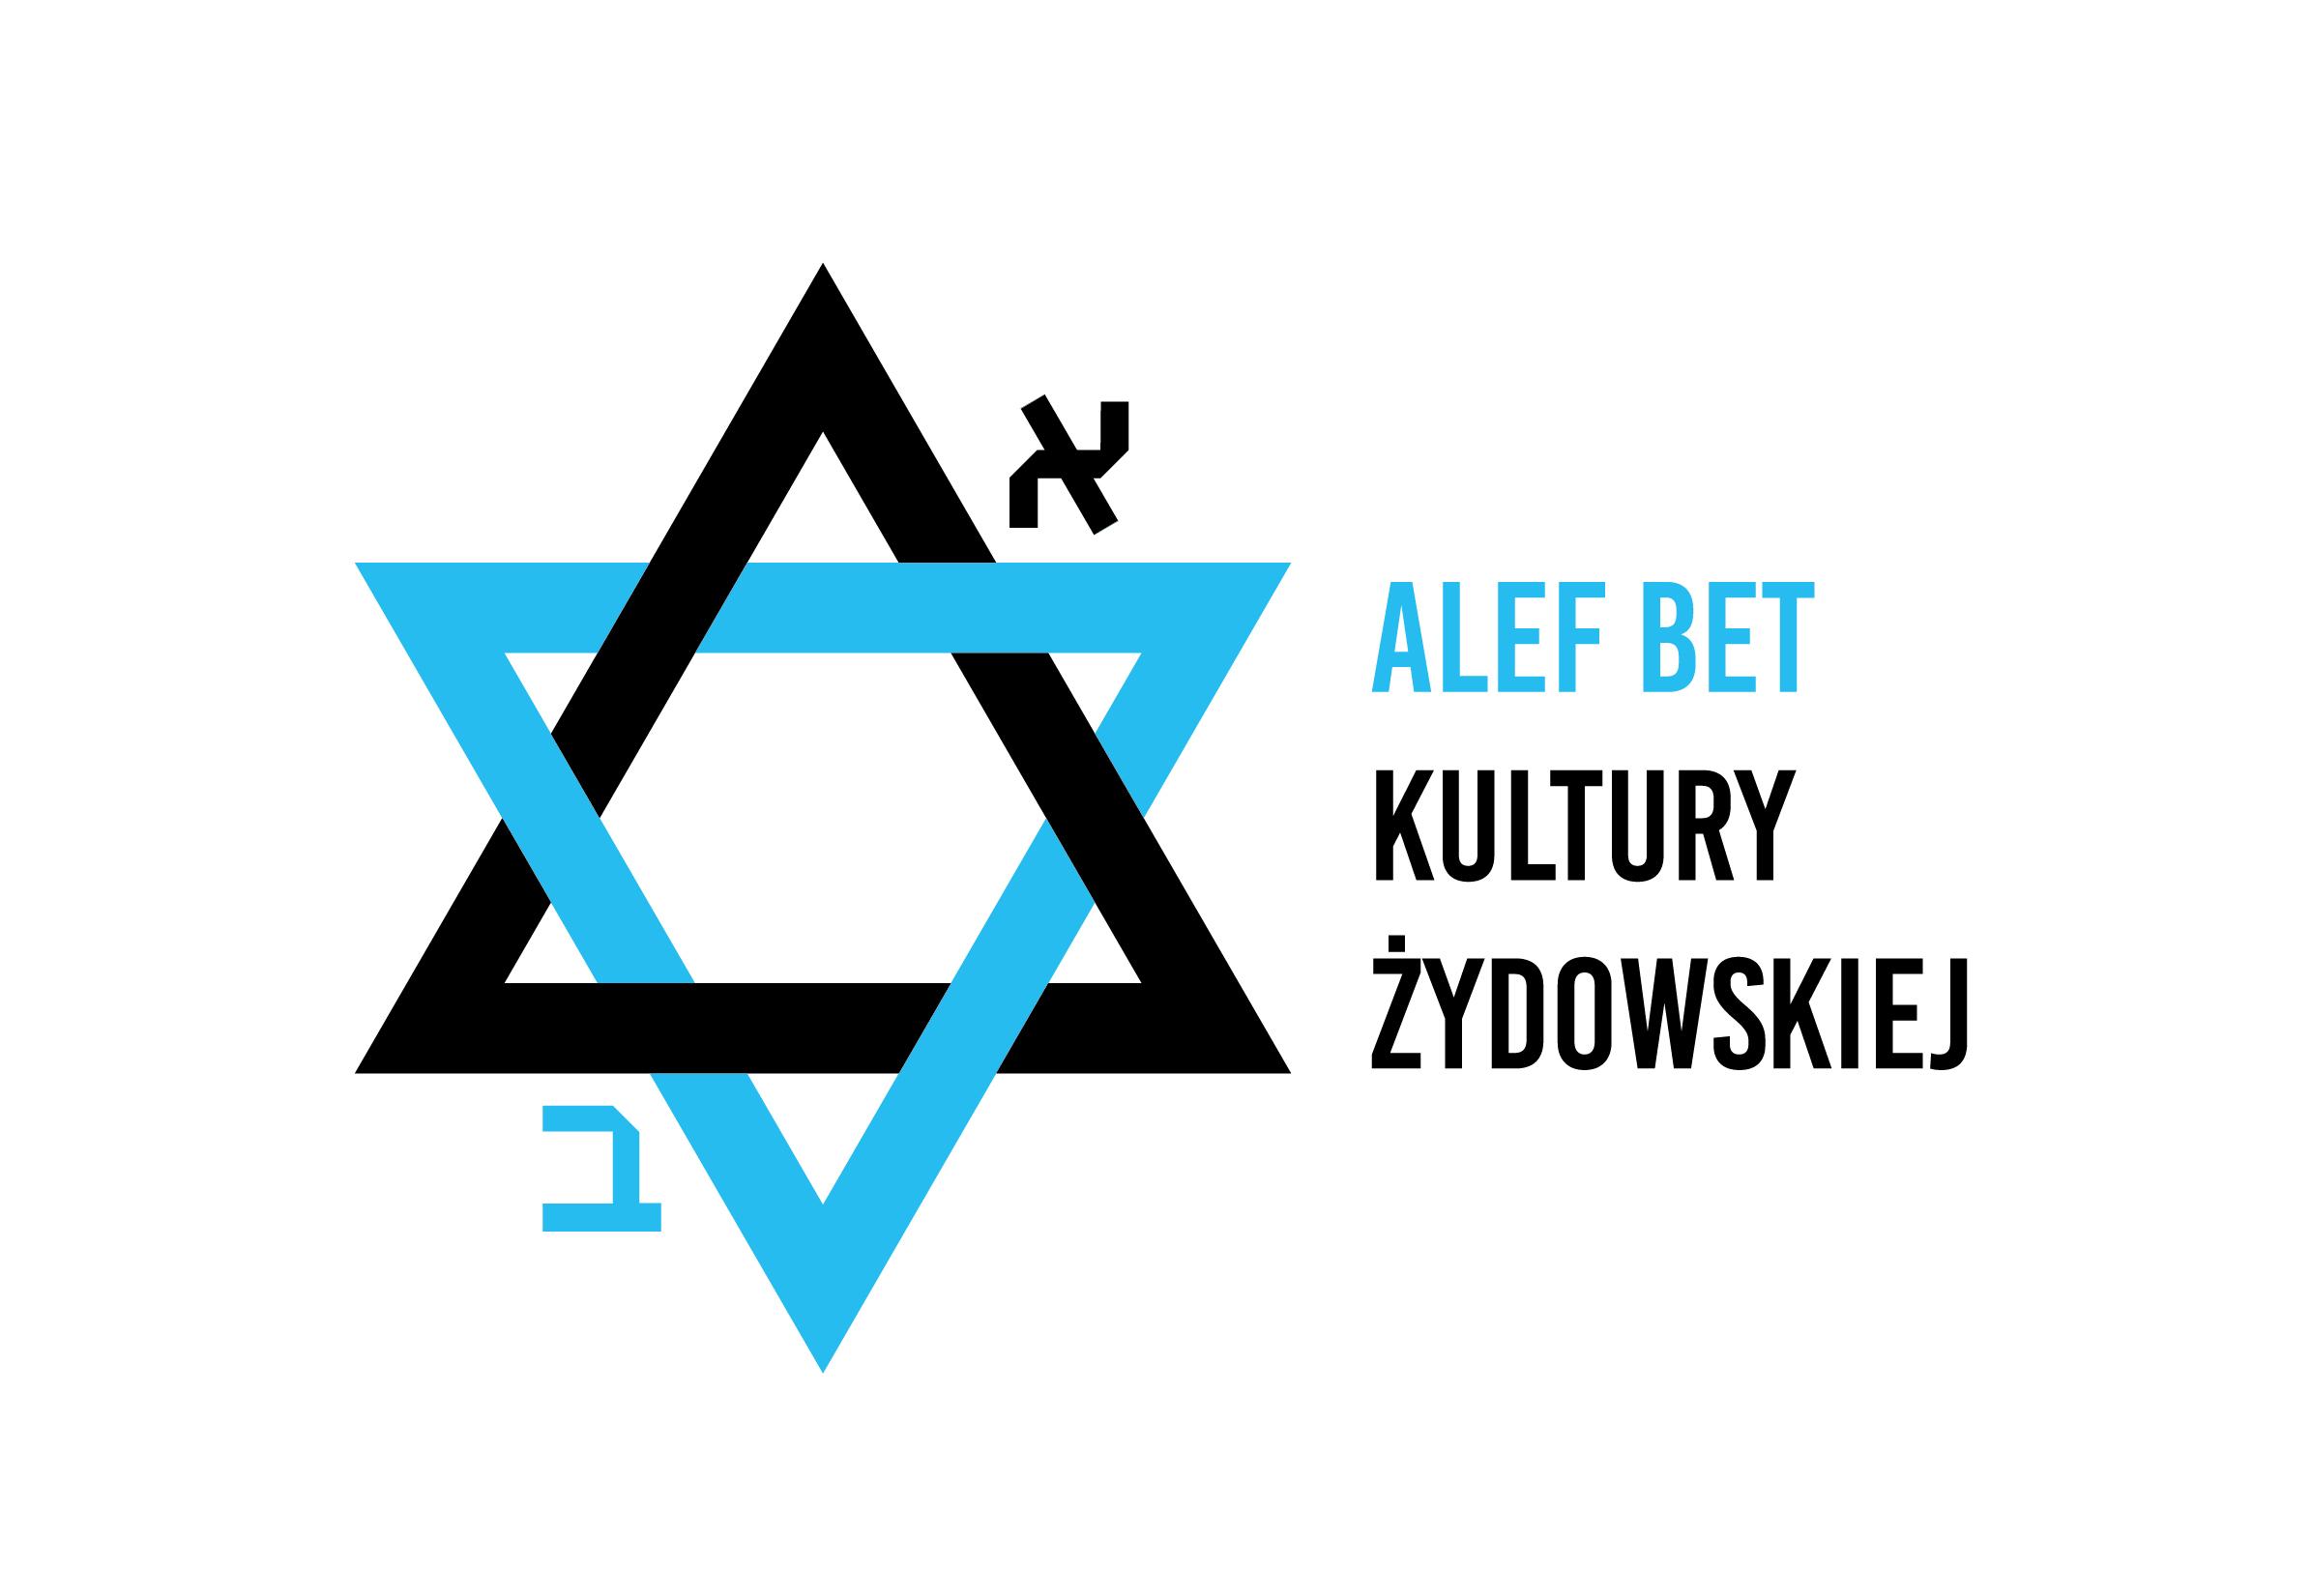 alef bet